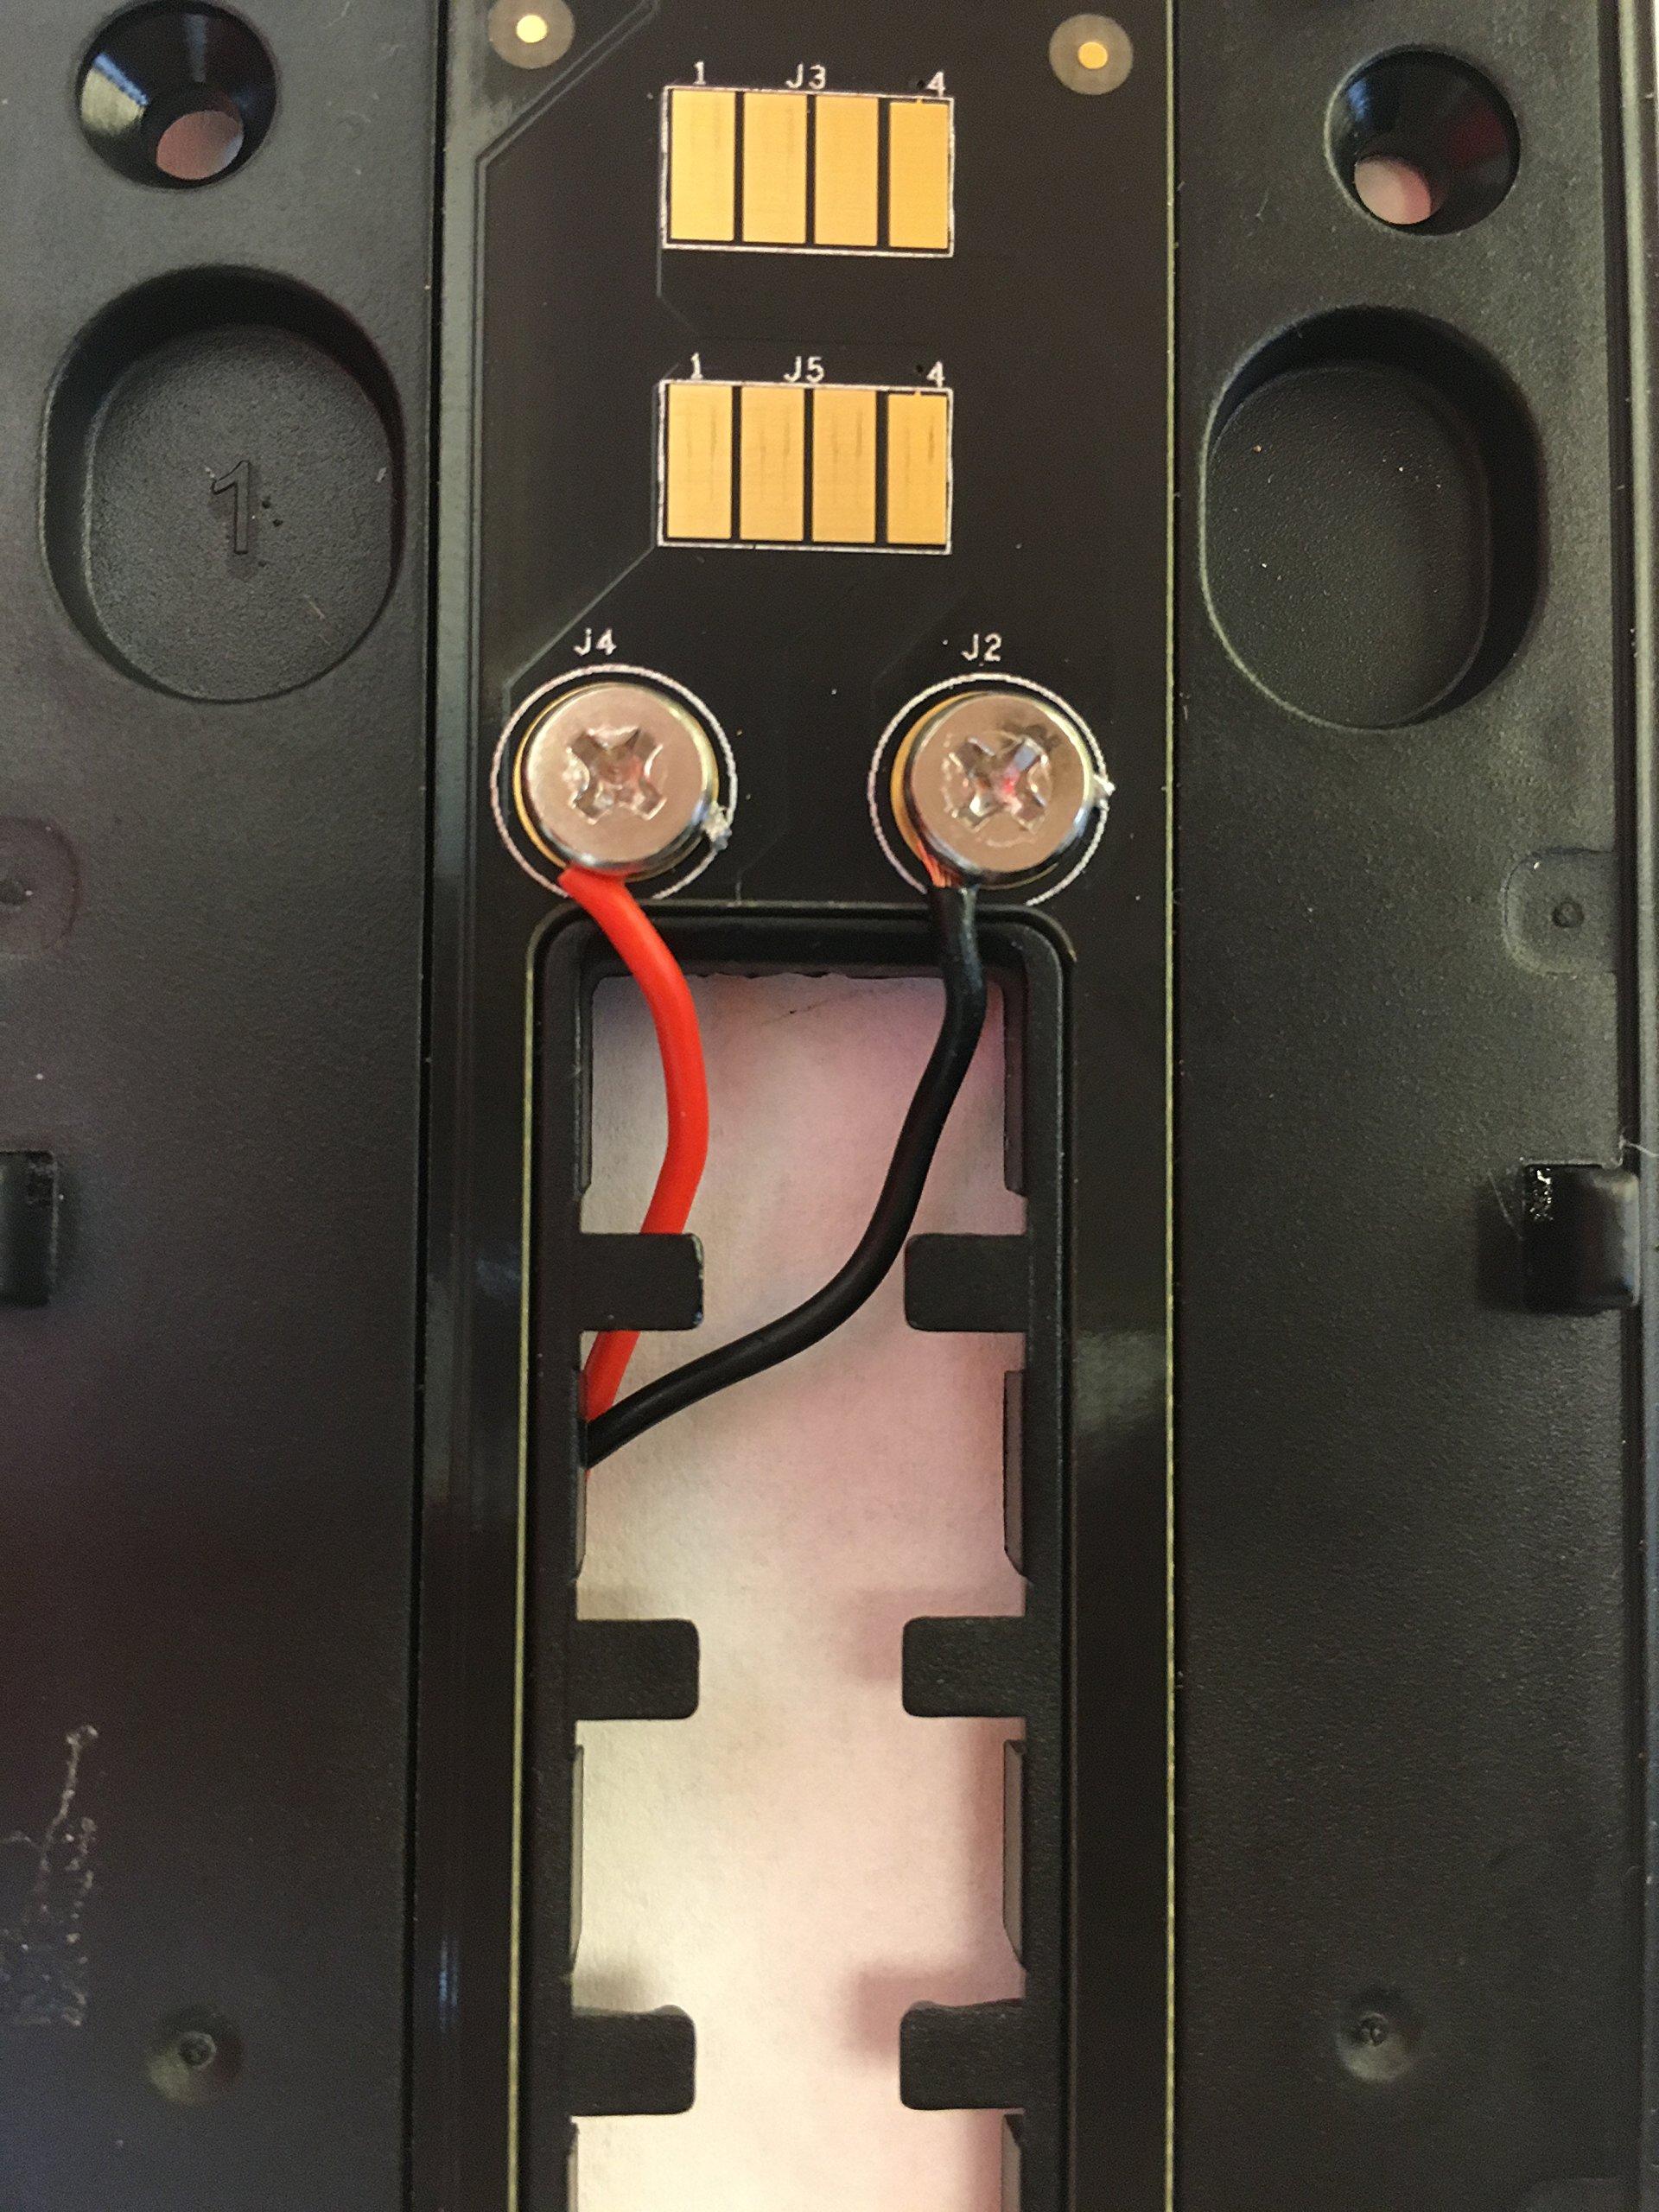 HD Image of Ring video doorbell schematic doorbell wiring diagrams diy house : nutone doorbell wiring diagram - yogabreezes.com